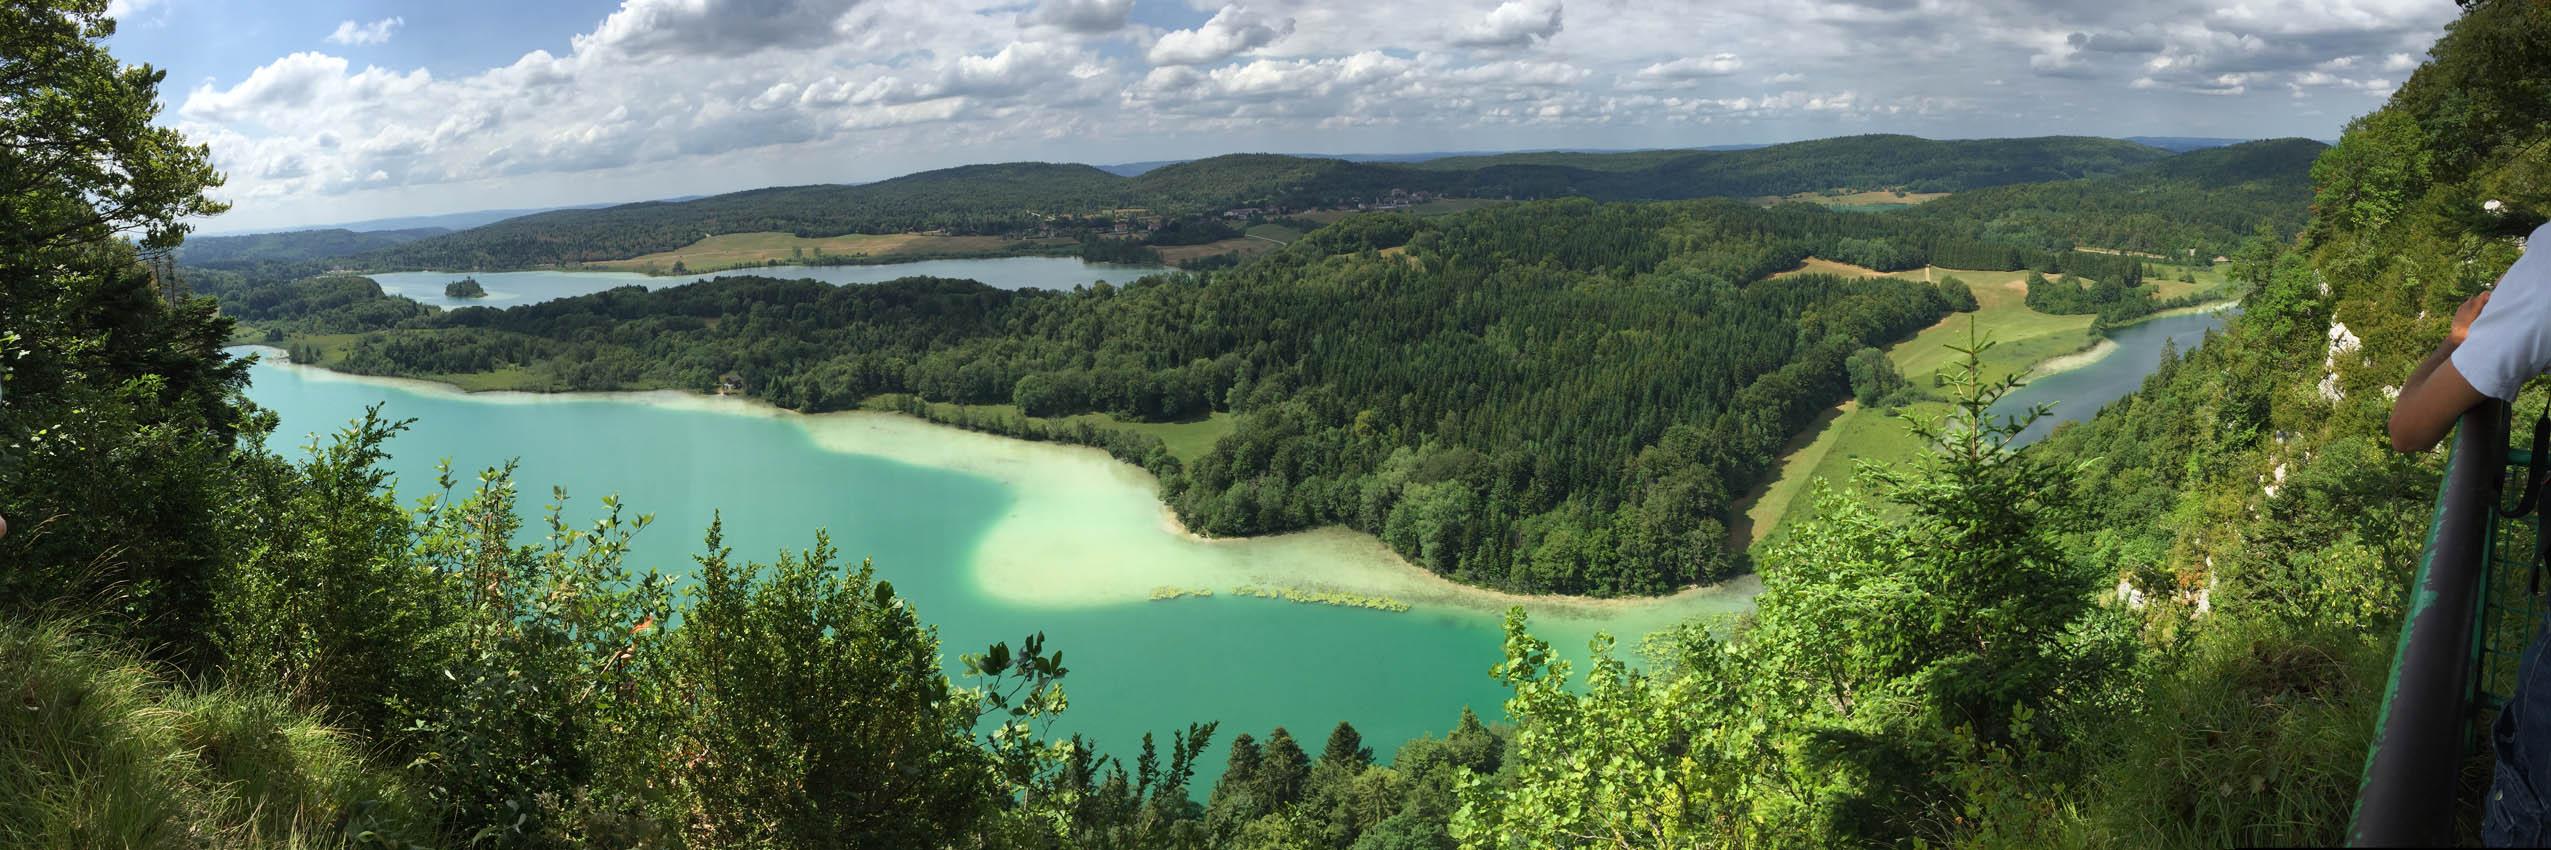 Graines Les Le gt; Lacs L'aigle De Pic 4 39 Jura Et Y6gv4qYw